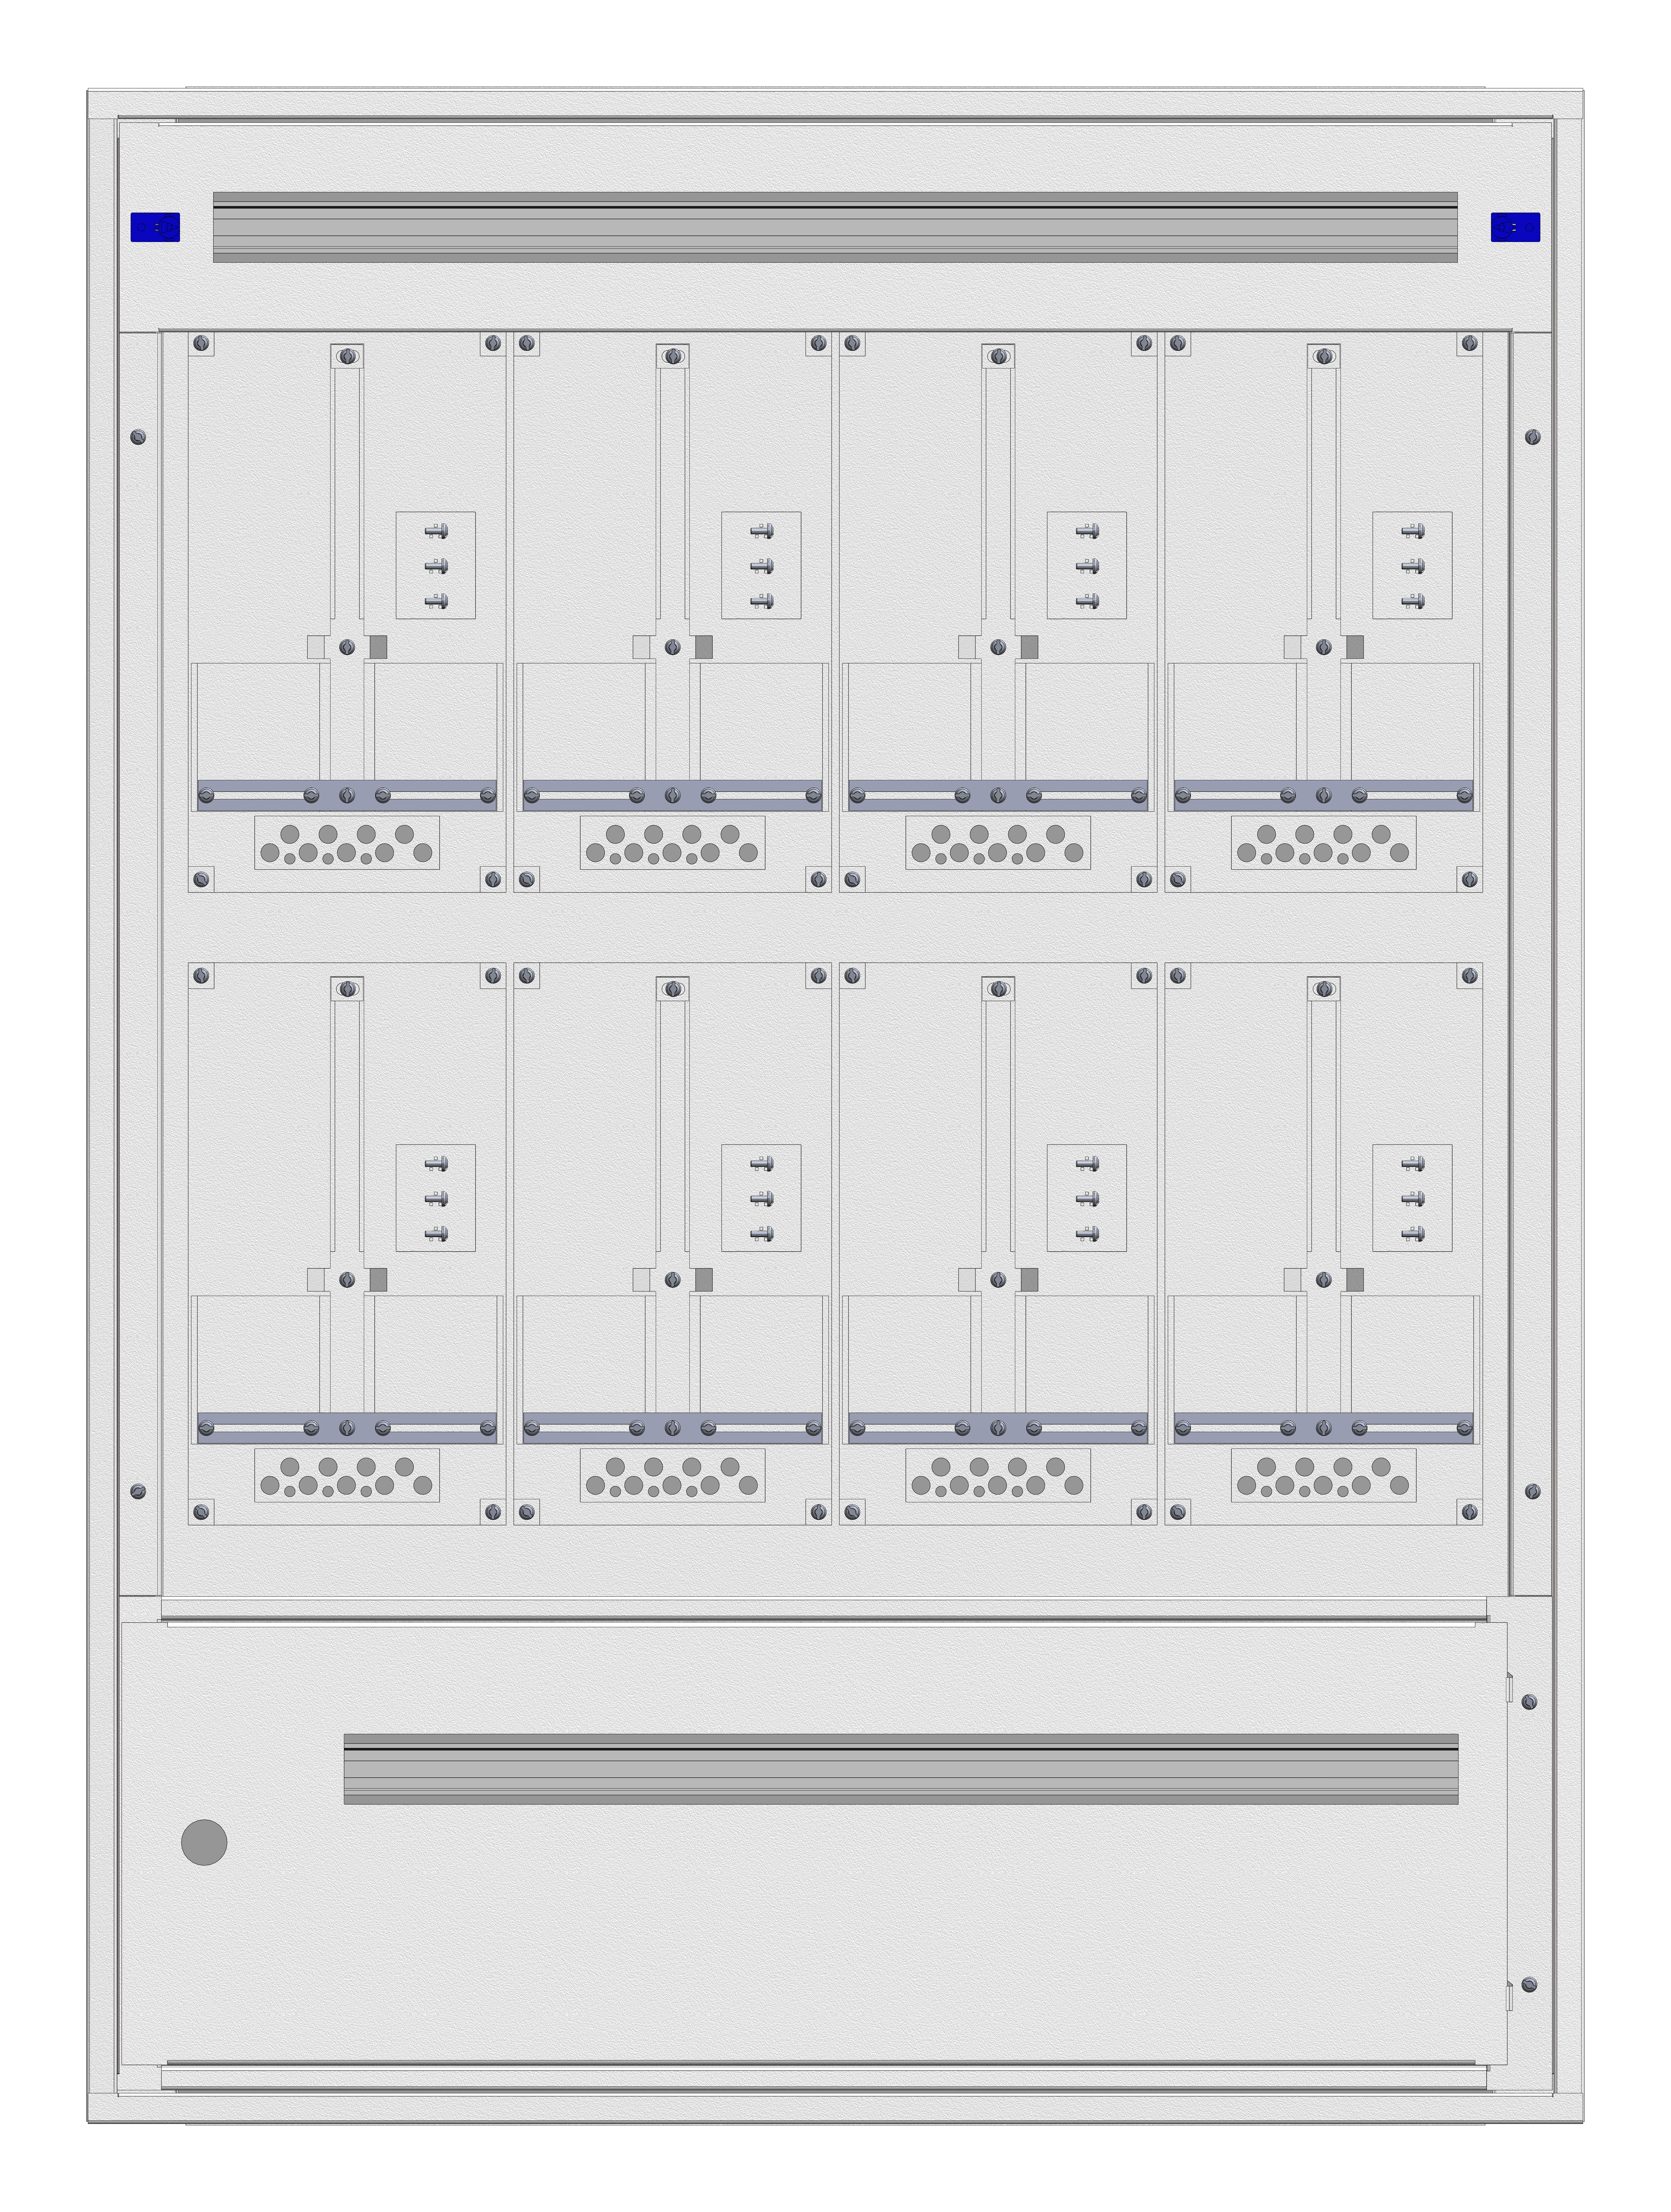 1 Stk Aufputz-Zählerverteiler 4A-28G/STMK 8ZP, H1380B1030T250mm IL162428GS